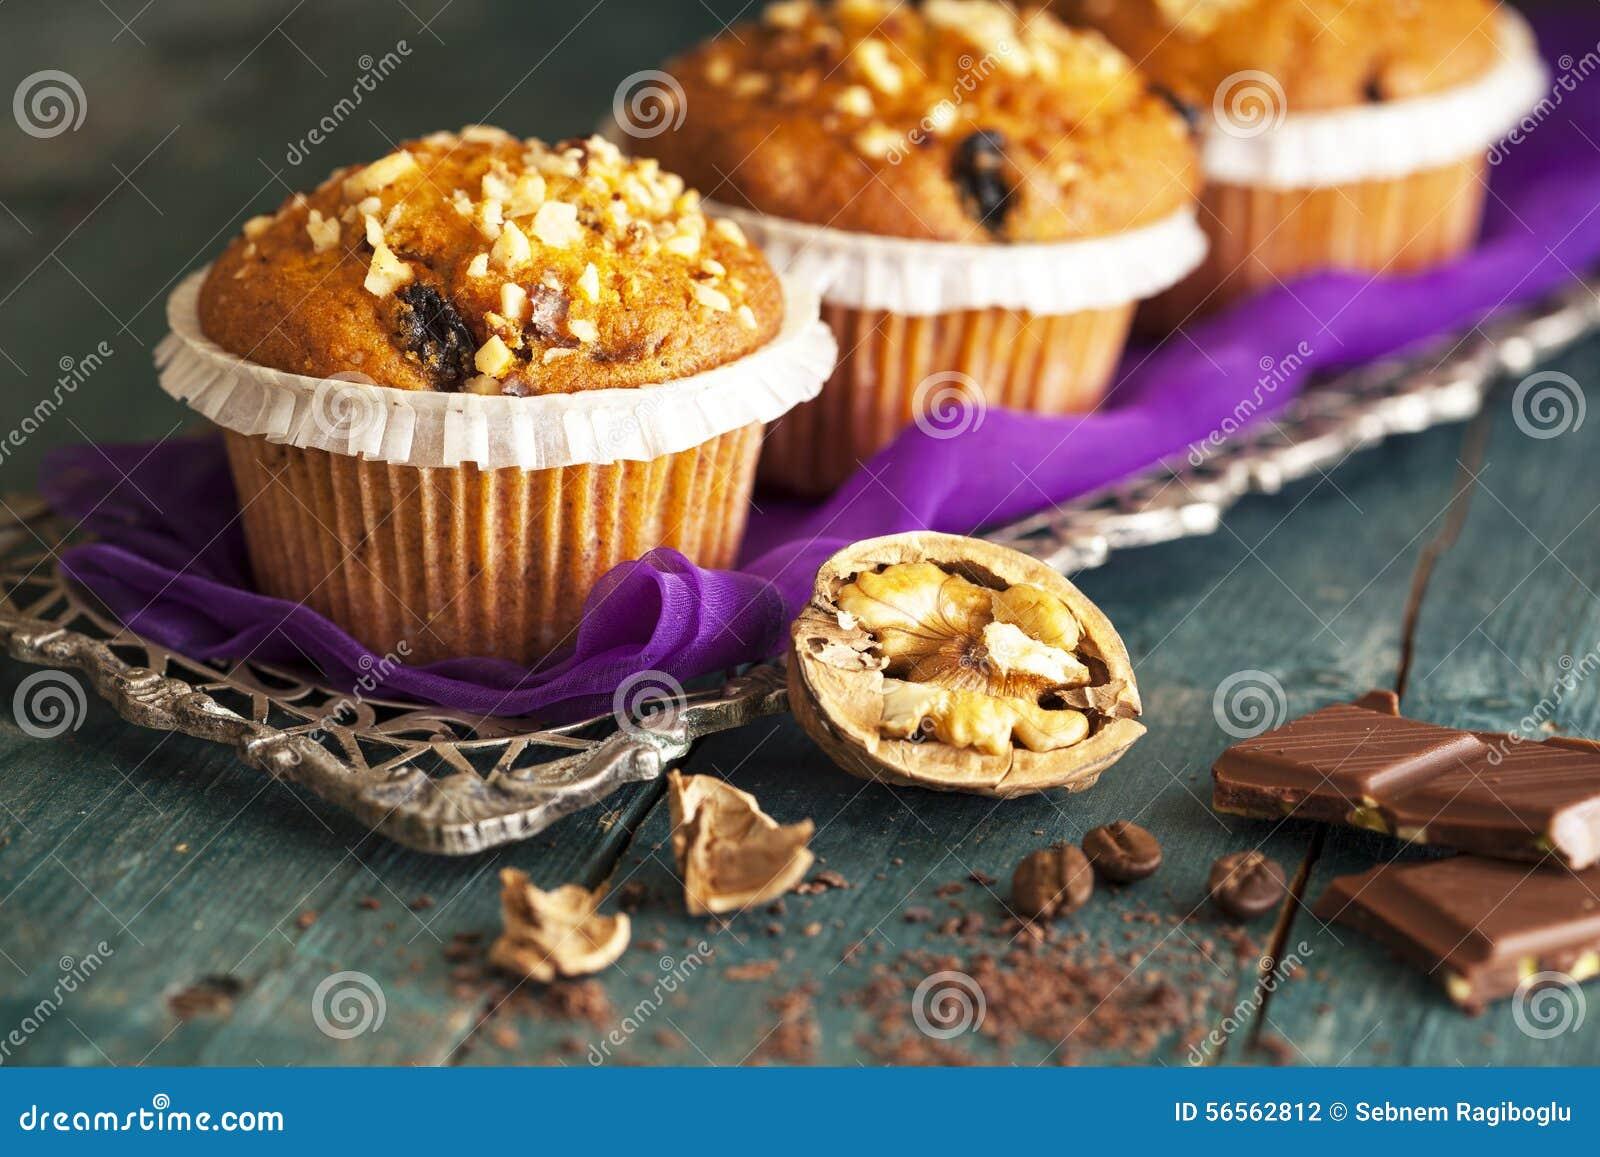 Download Muffin κέικ στον ασημένιο δίσκο Στοκ Εικόνες - εικόνα από muffin, μαγείρεμα: 56562812